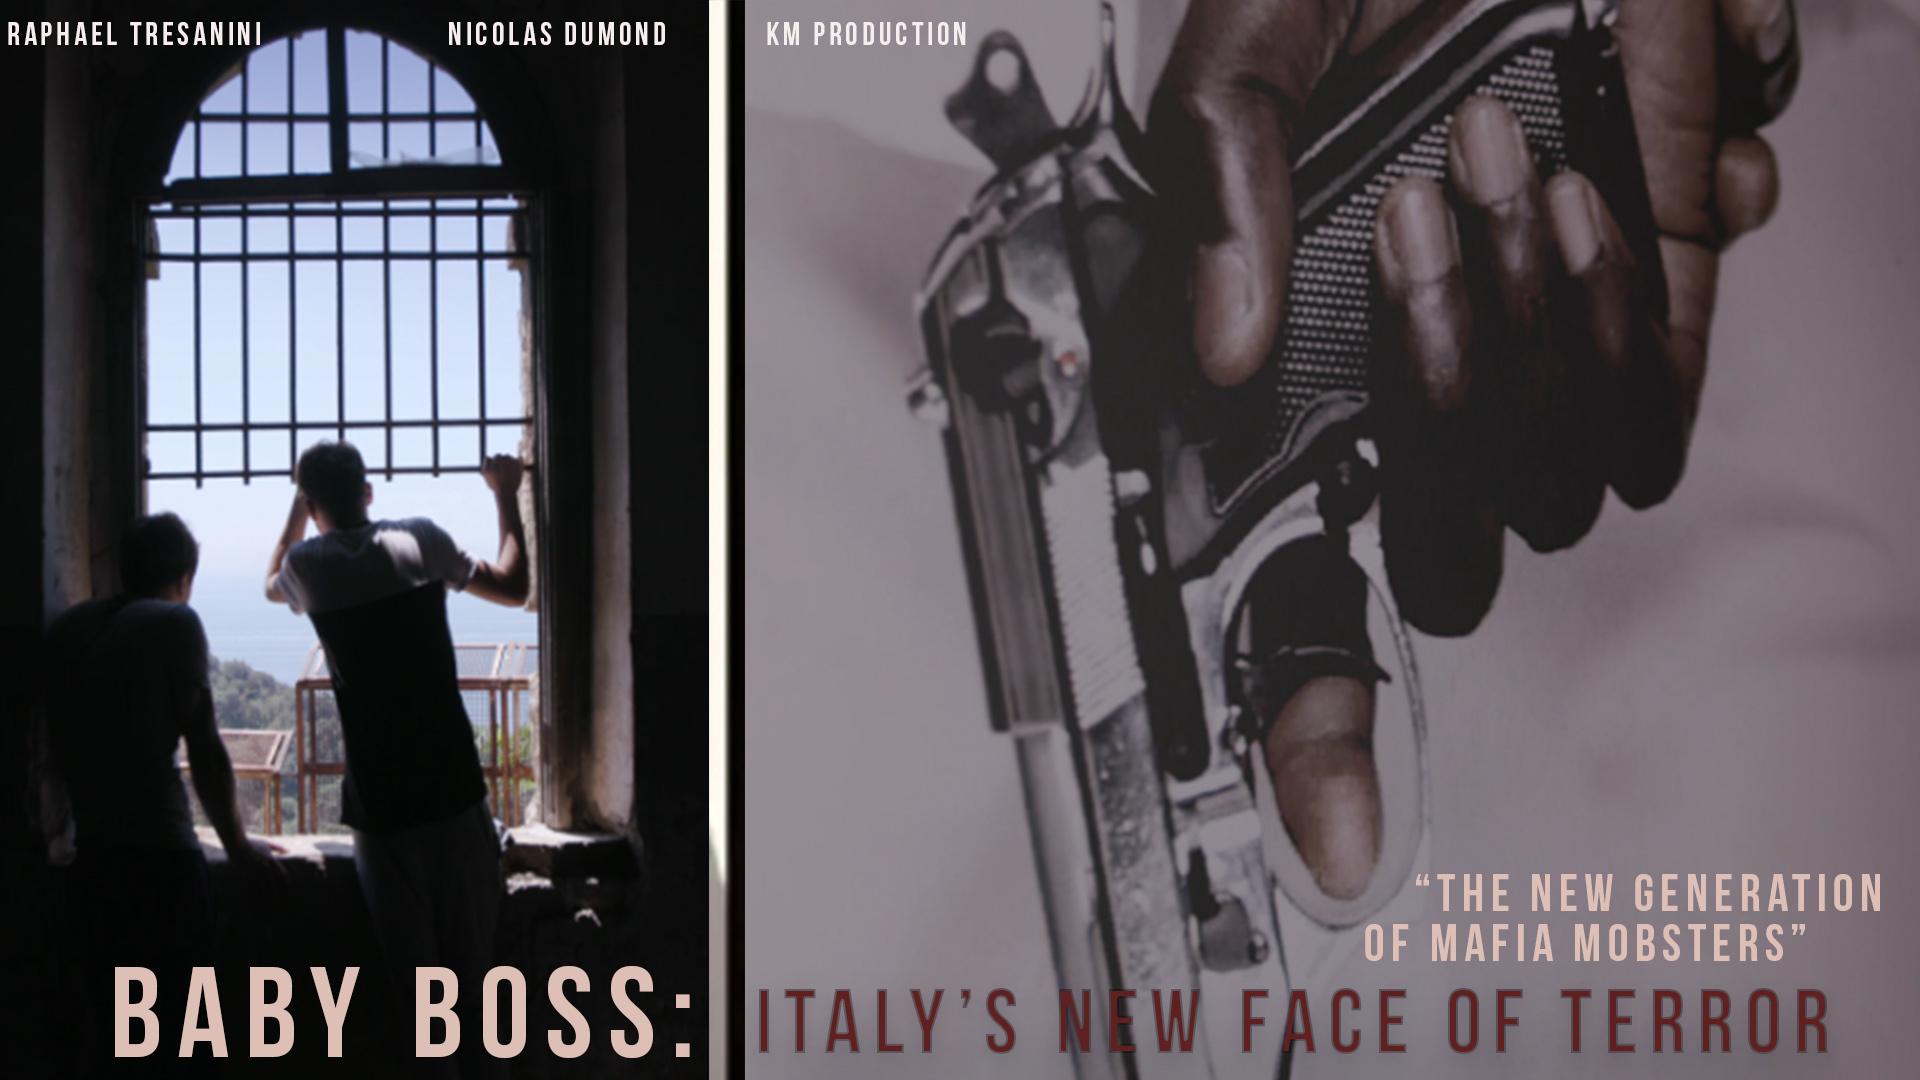 Baby Boss: Italy's New Face of Terror